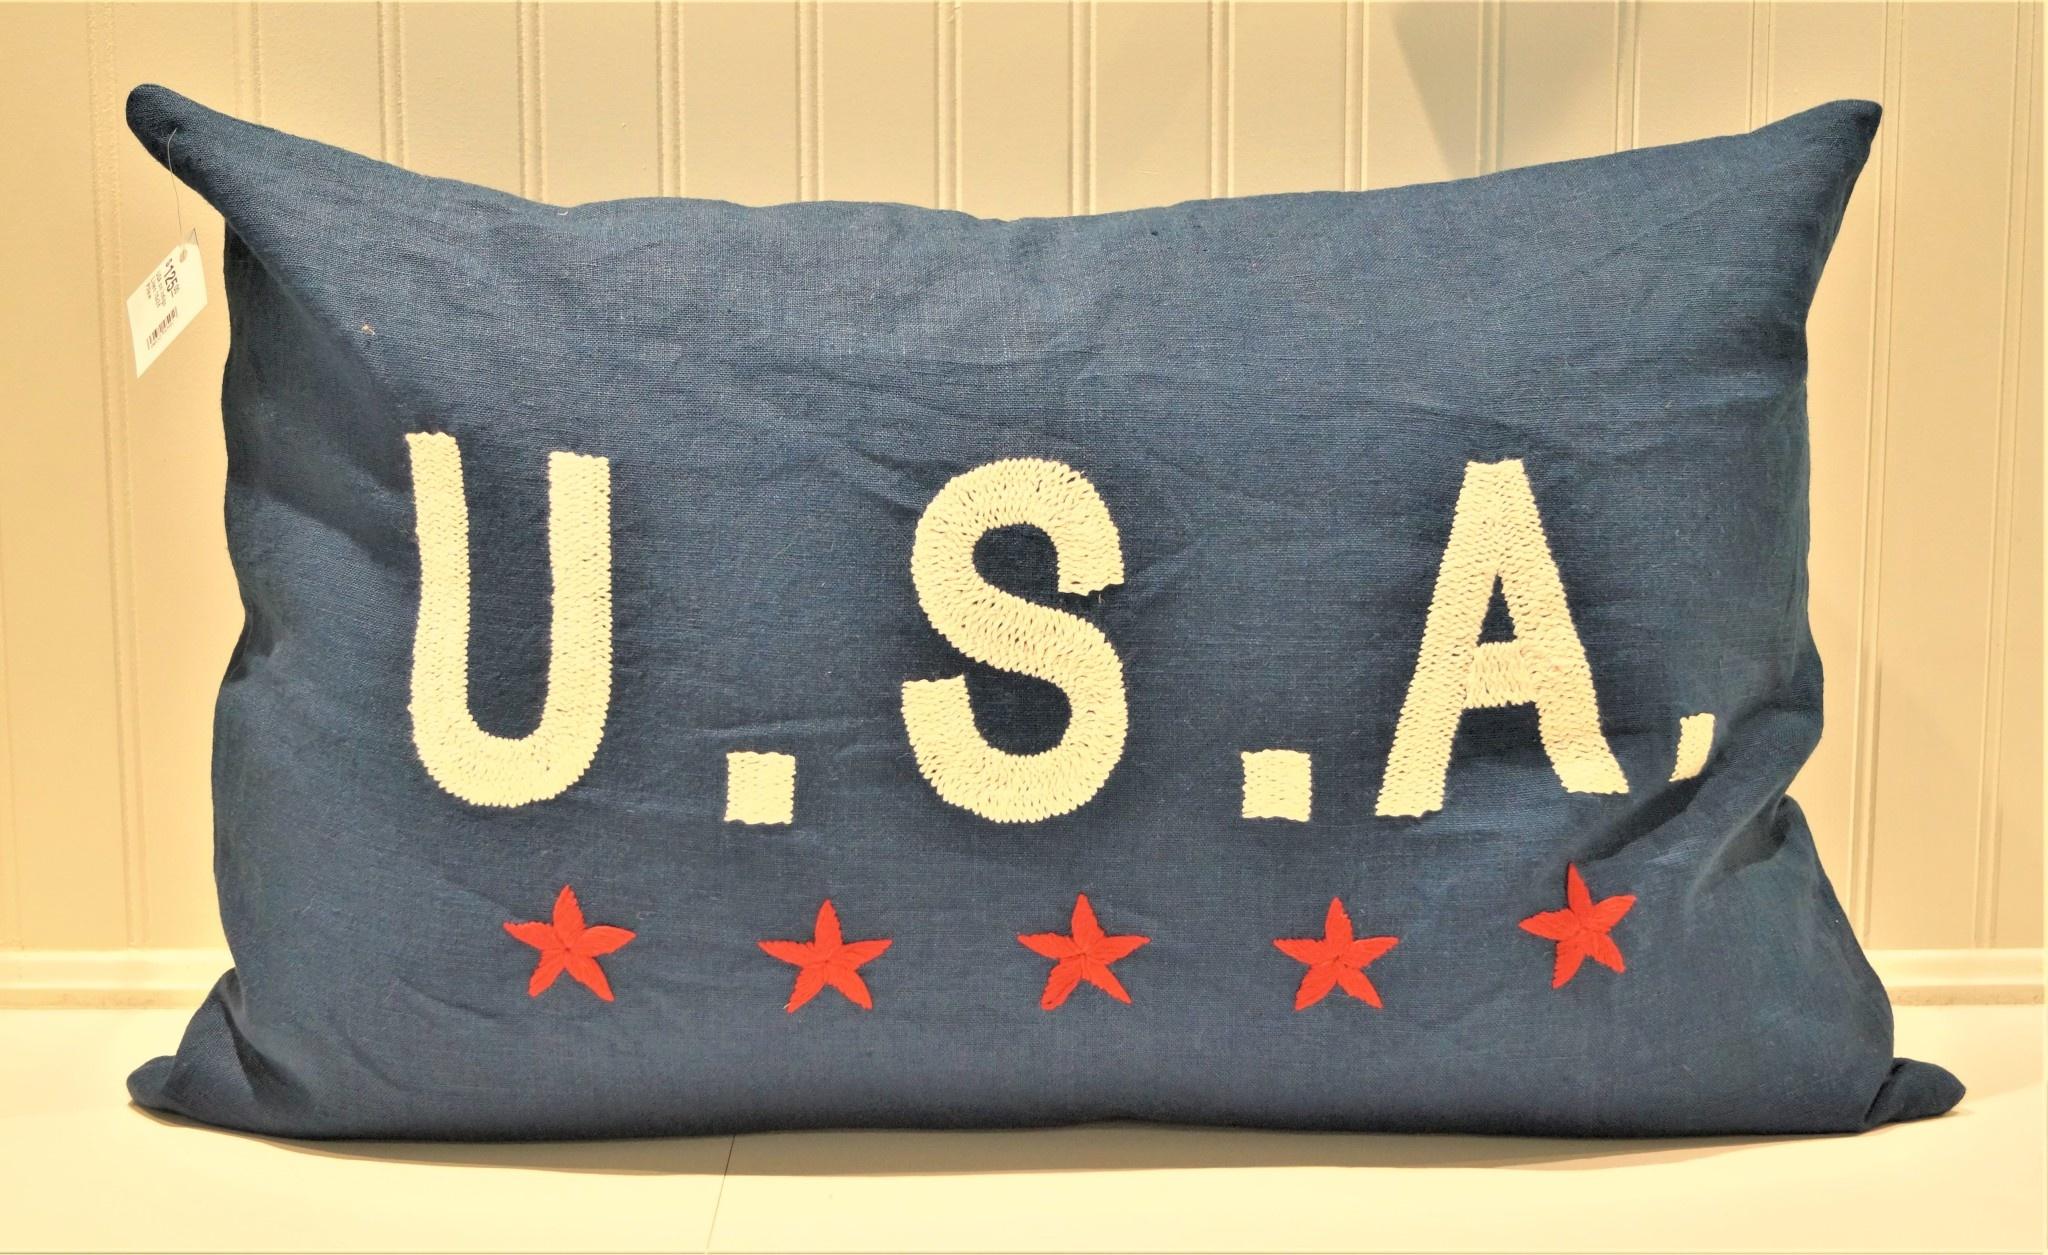 USA on Indigo Linen 16x24 Pillow